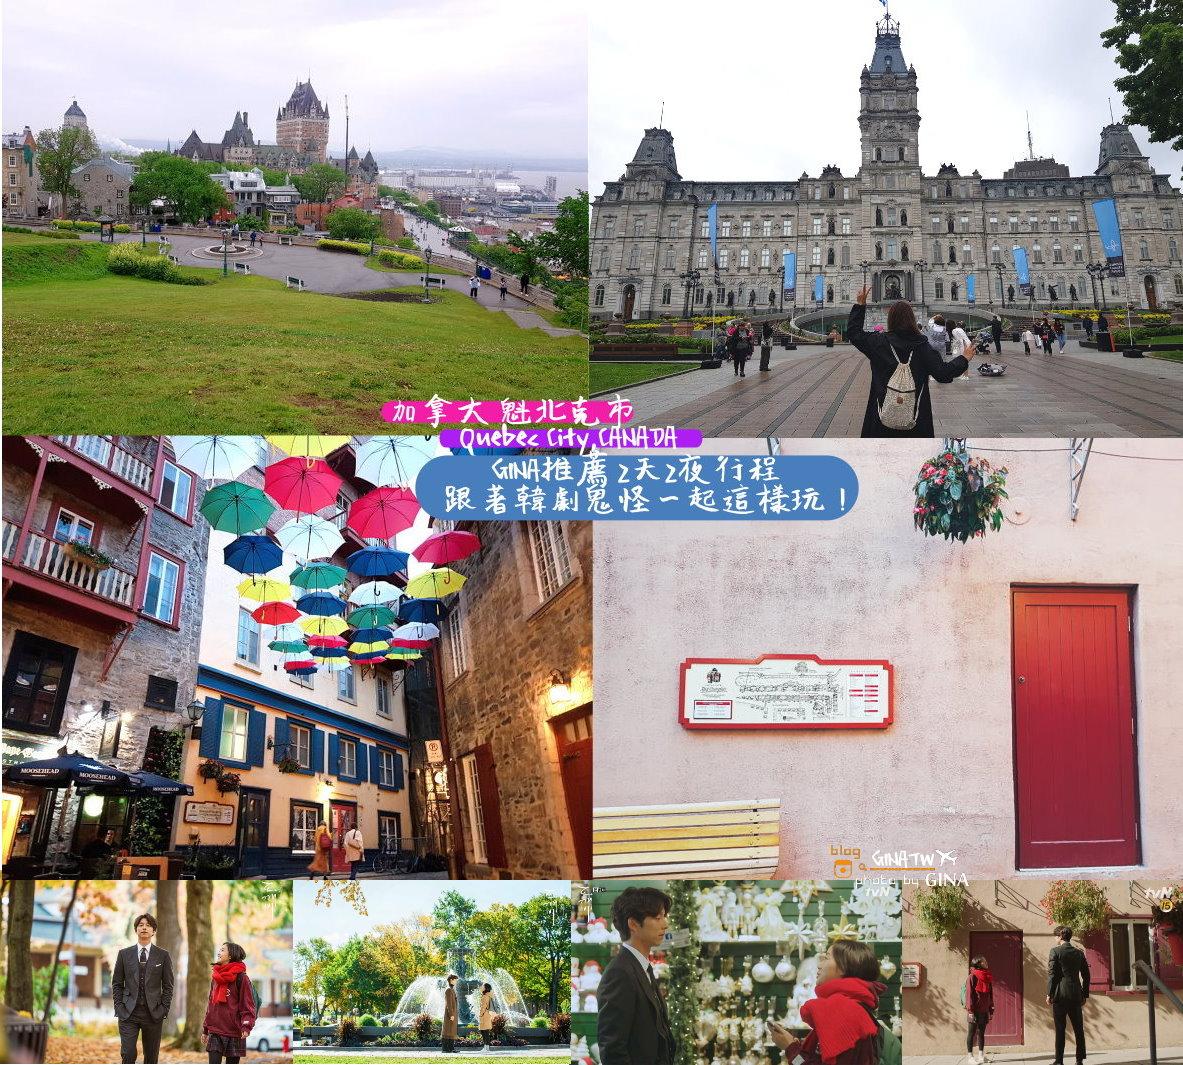 【魁北克自由行】歷史城區景點攻略|韓劇鬼怪景點|加拿大法式風情|世界文化遺產|2天2夜行程建議|聯合國教科文組織 @GINA環球旅行生活|不會韓文也可以去韓國 🇹🇼